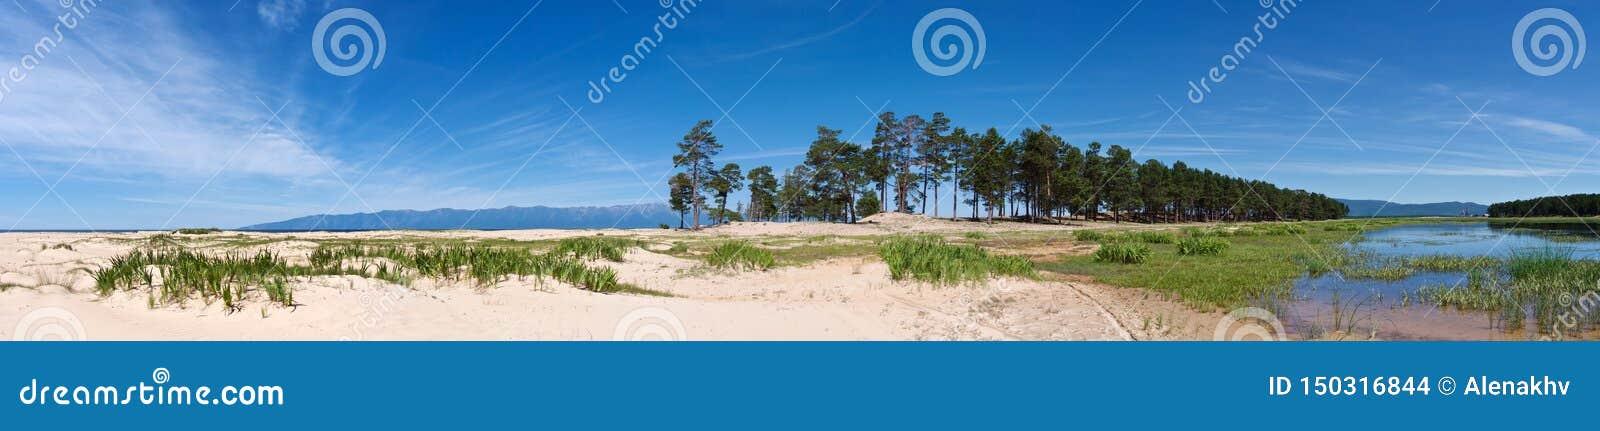 Baikal lakeshore met wit zand en altijdgroene pijnbomen